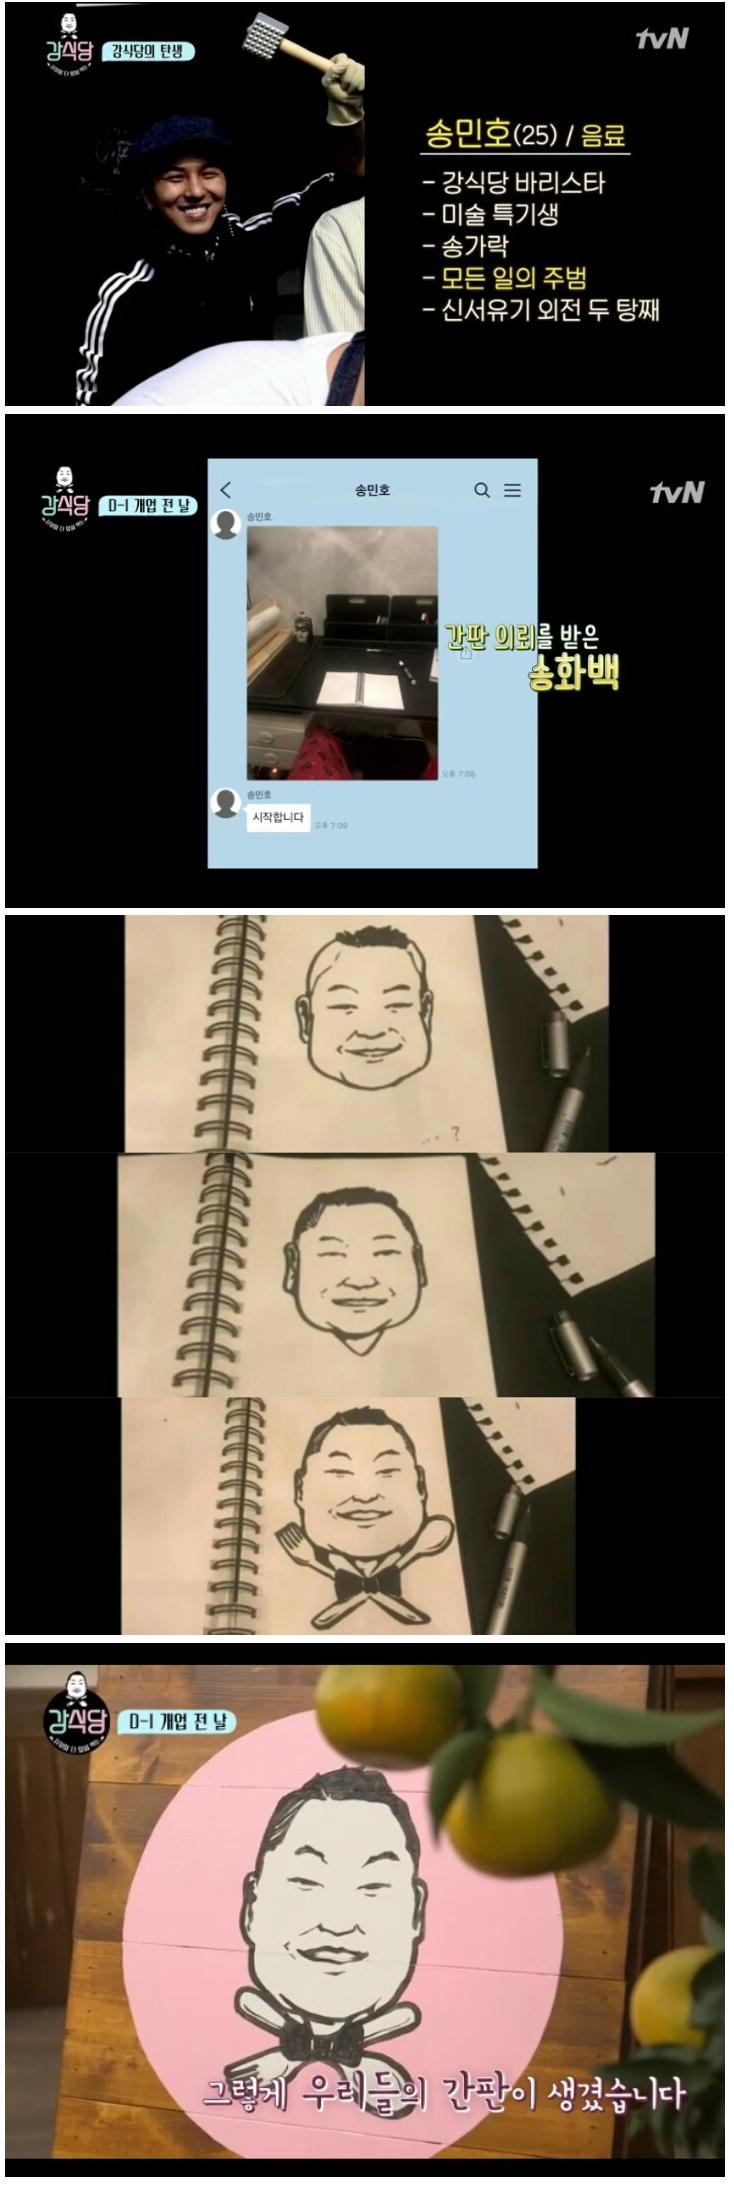 강식당 로고 제작한 송민호